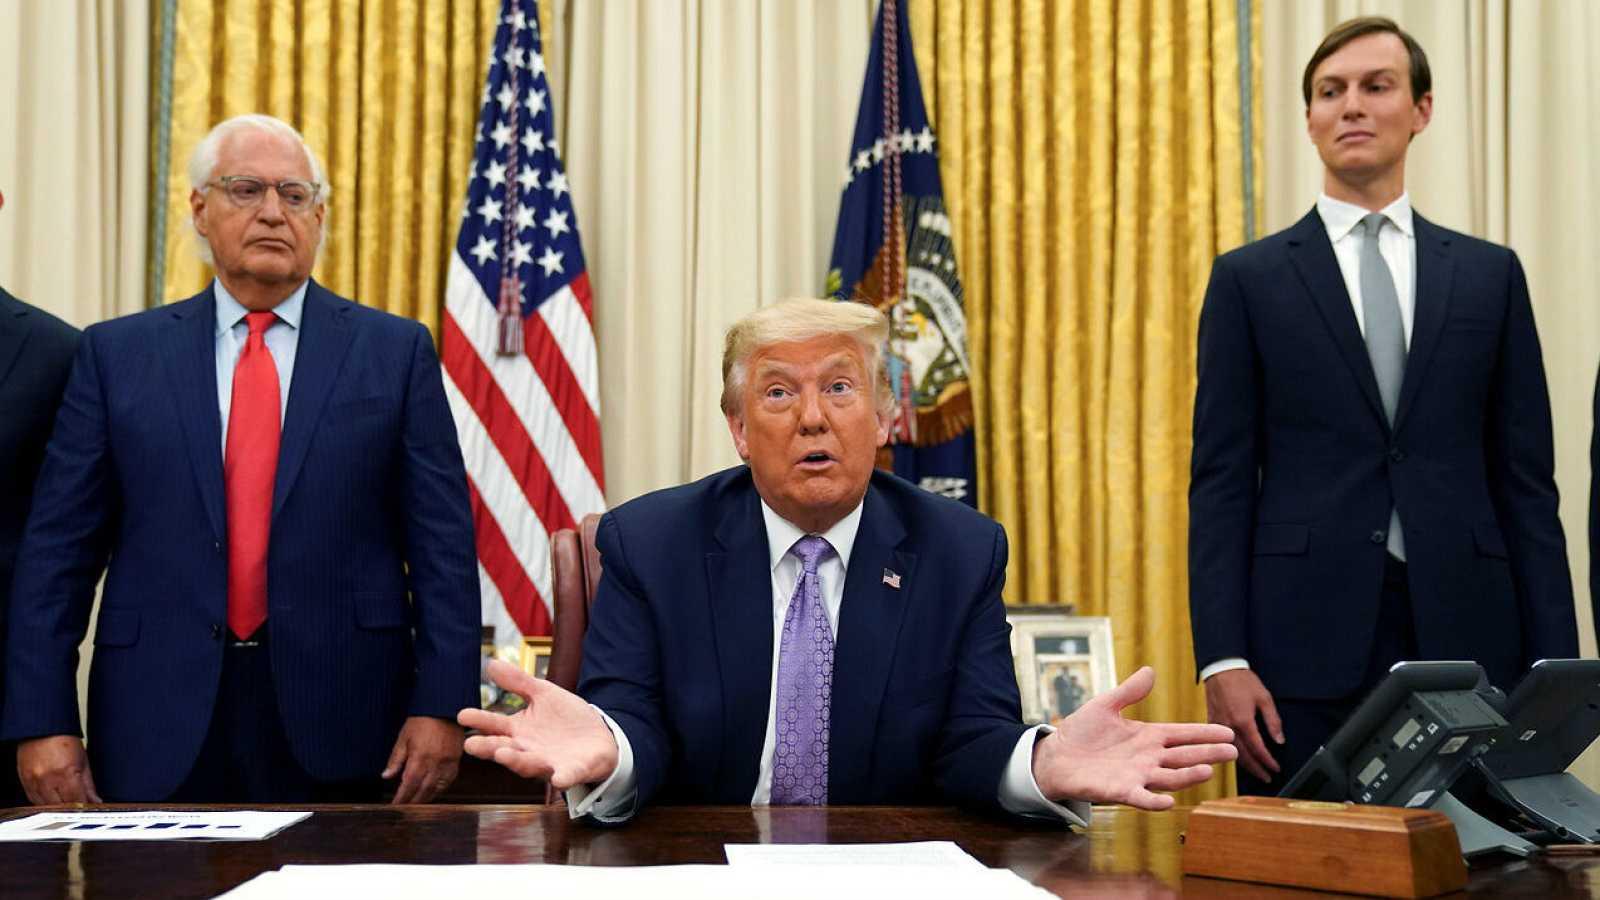 El embajador de Estados Unidos en Israel, David Melech Friedman, el asesor principal de la Casa Blanca, Jared Kushner, y el presidente de Estados Unidos, Donald Trump.